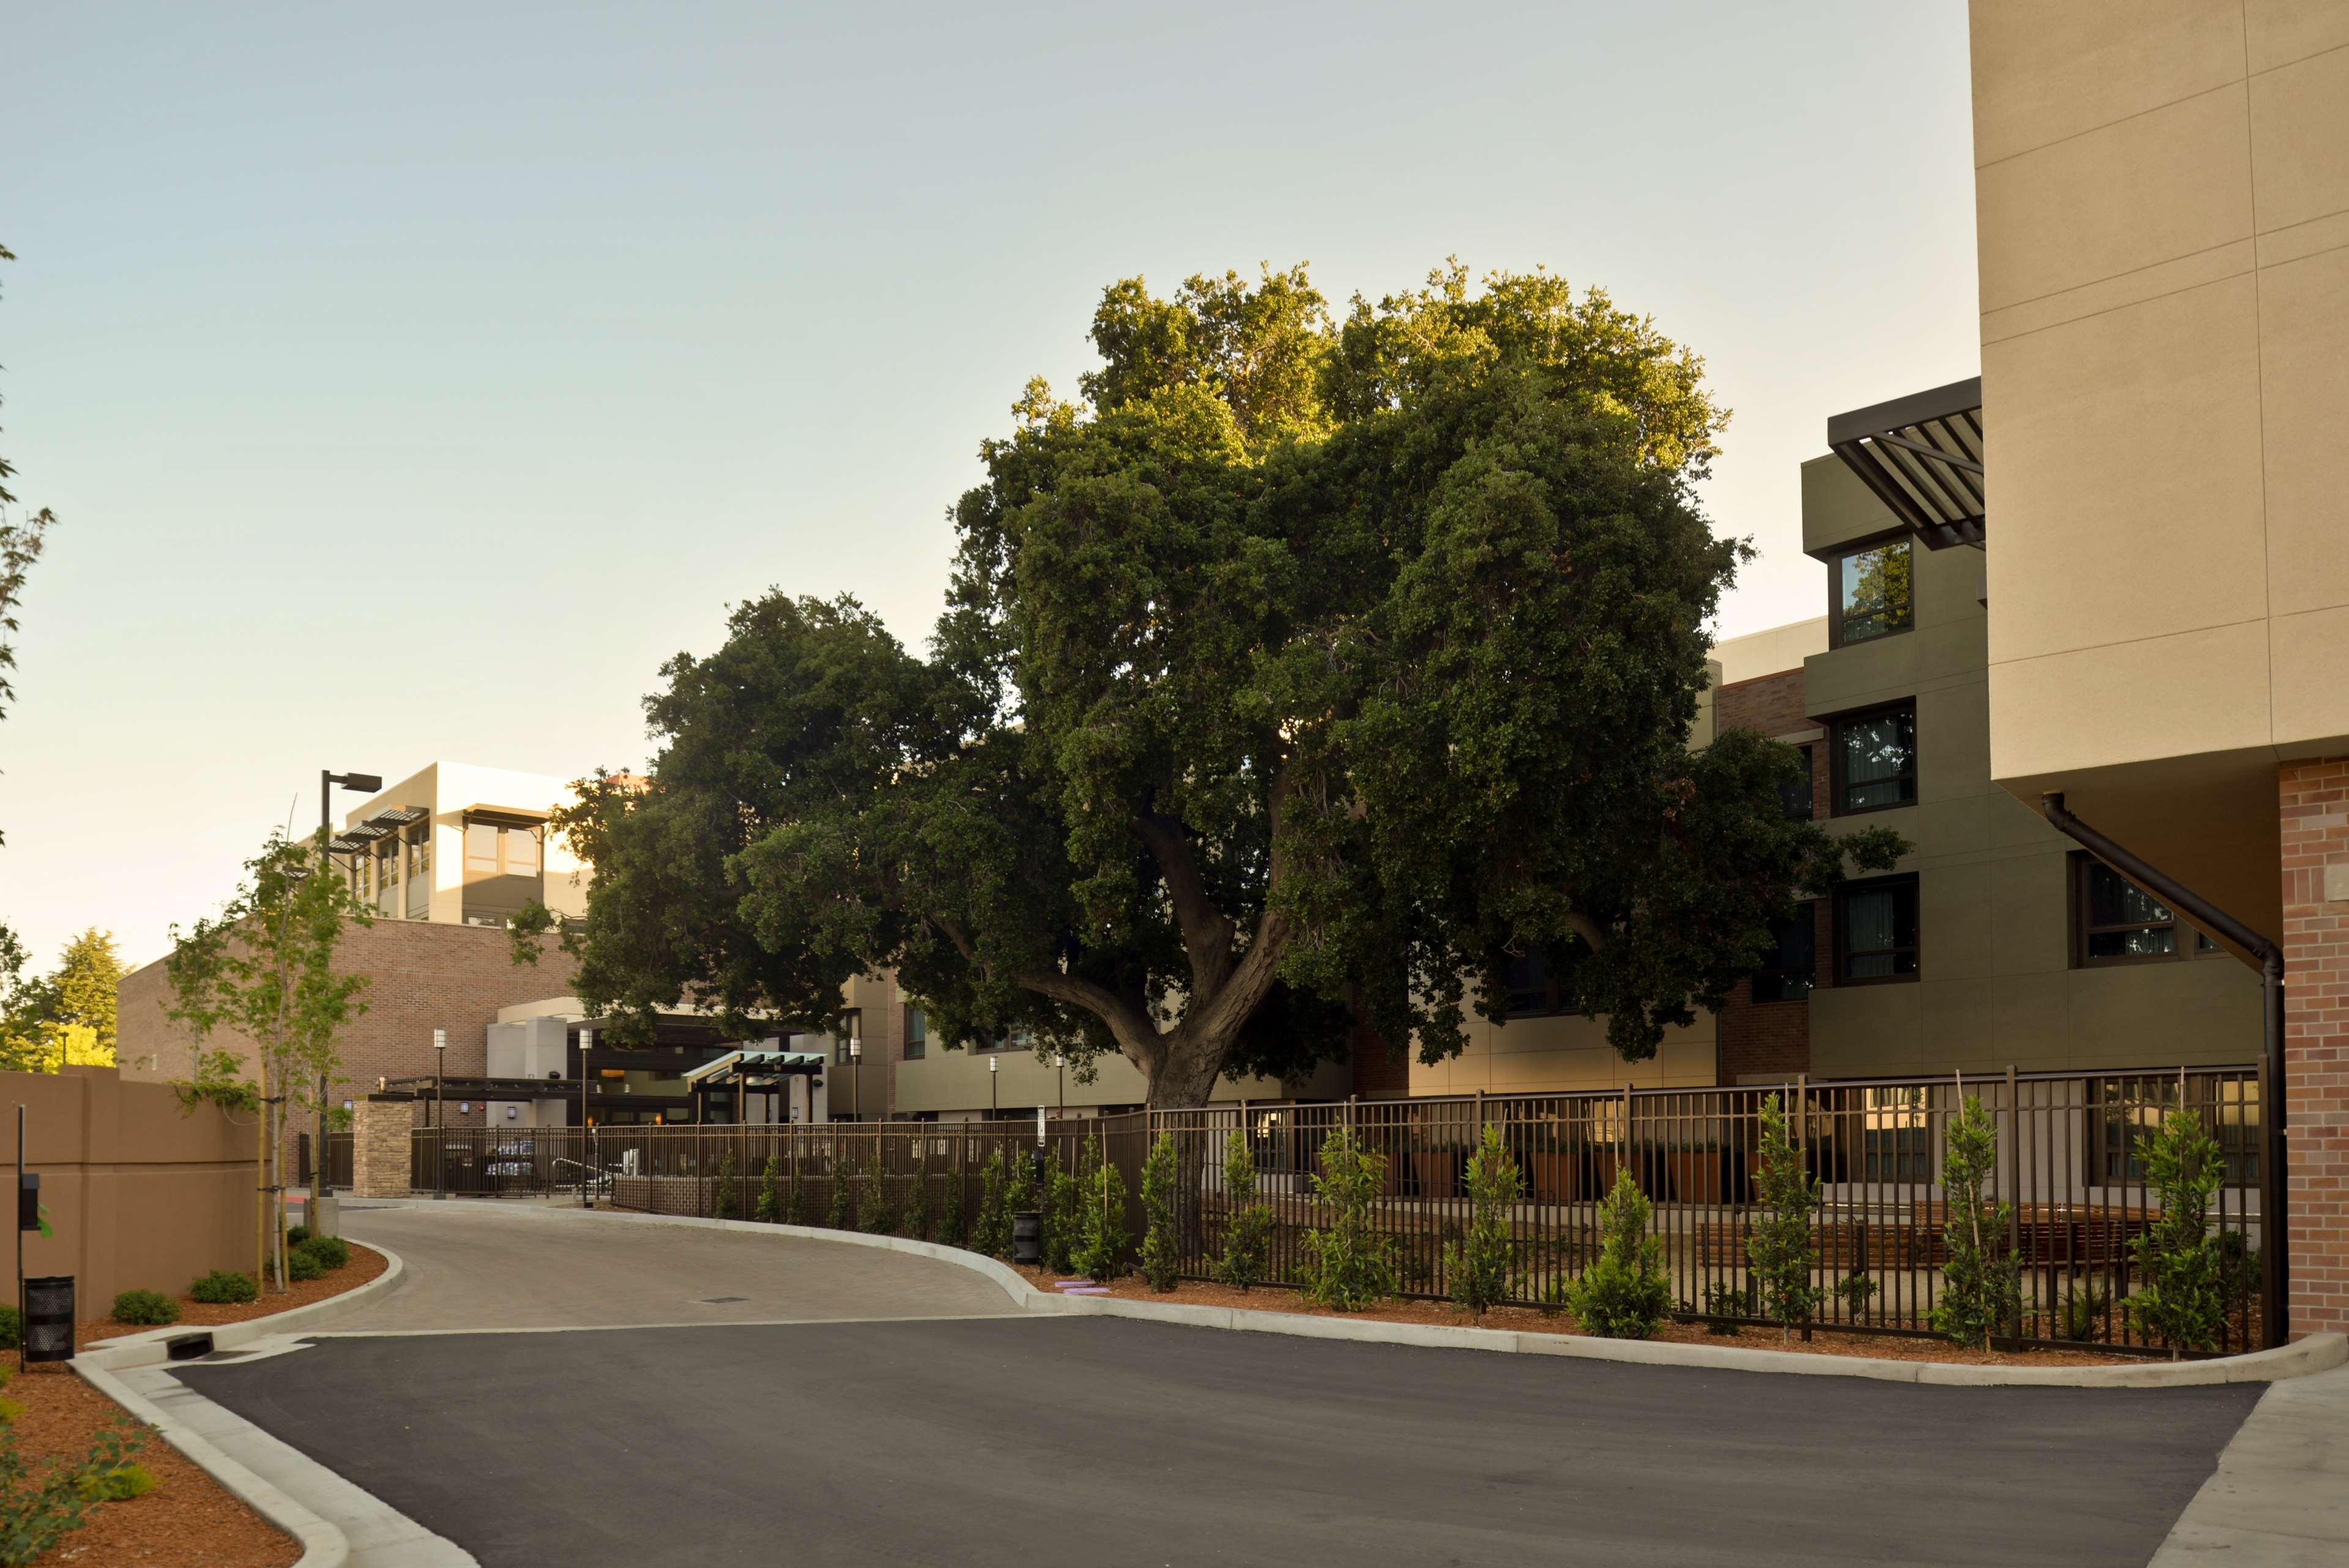 Homewood Suites by Hilton Palo Alto image 5